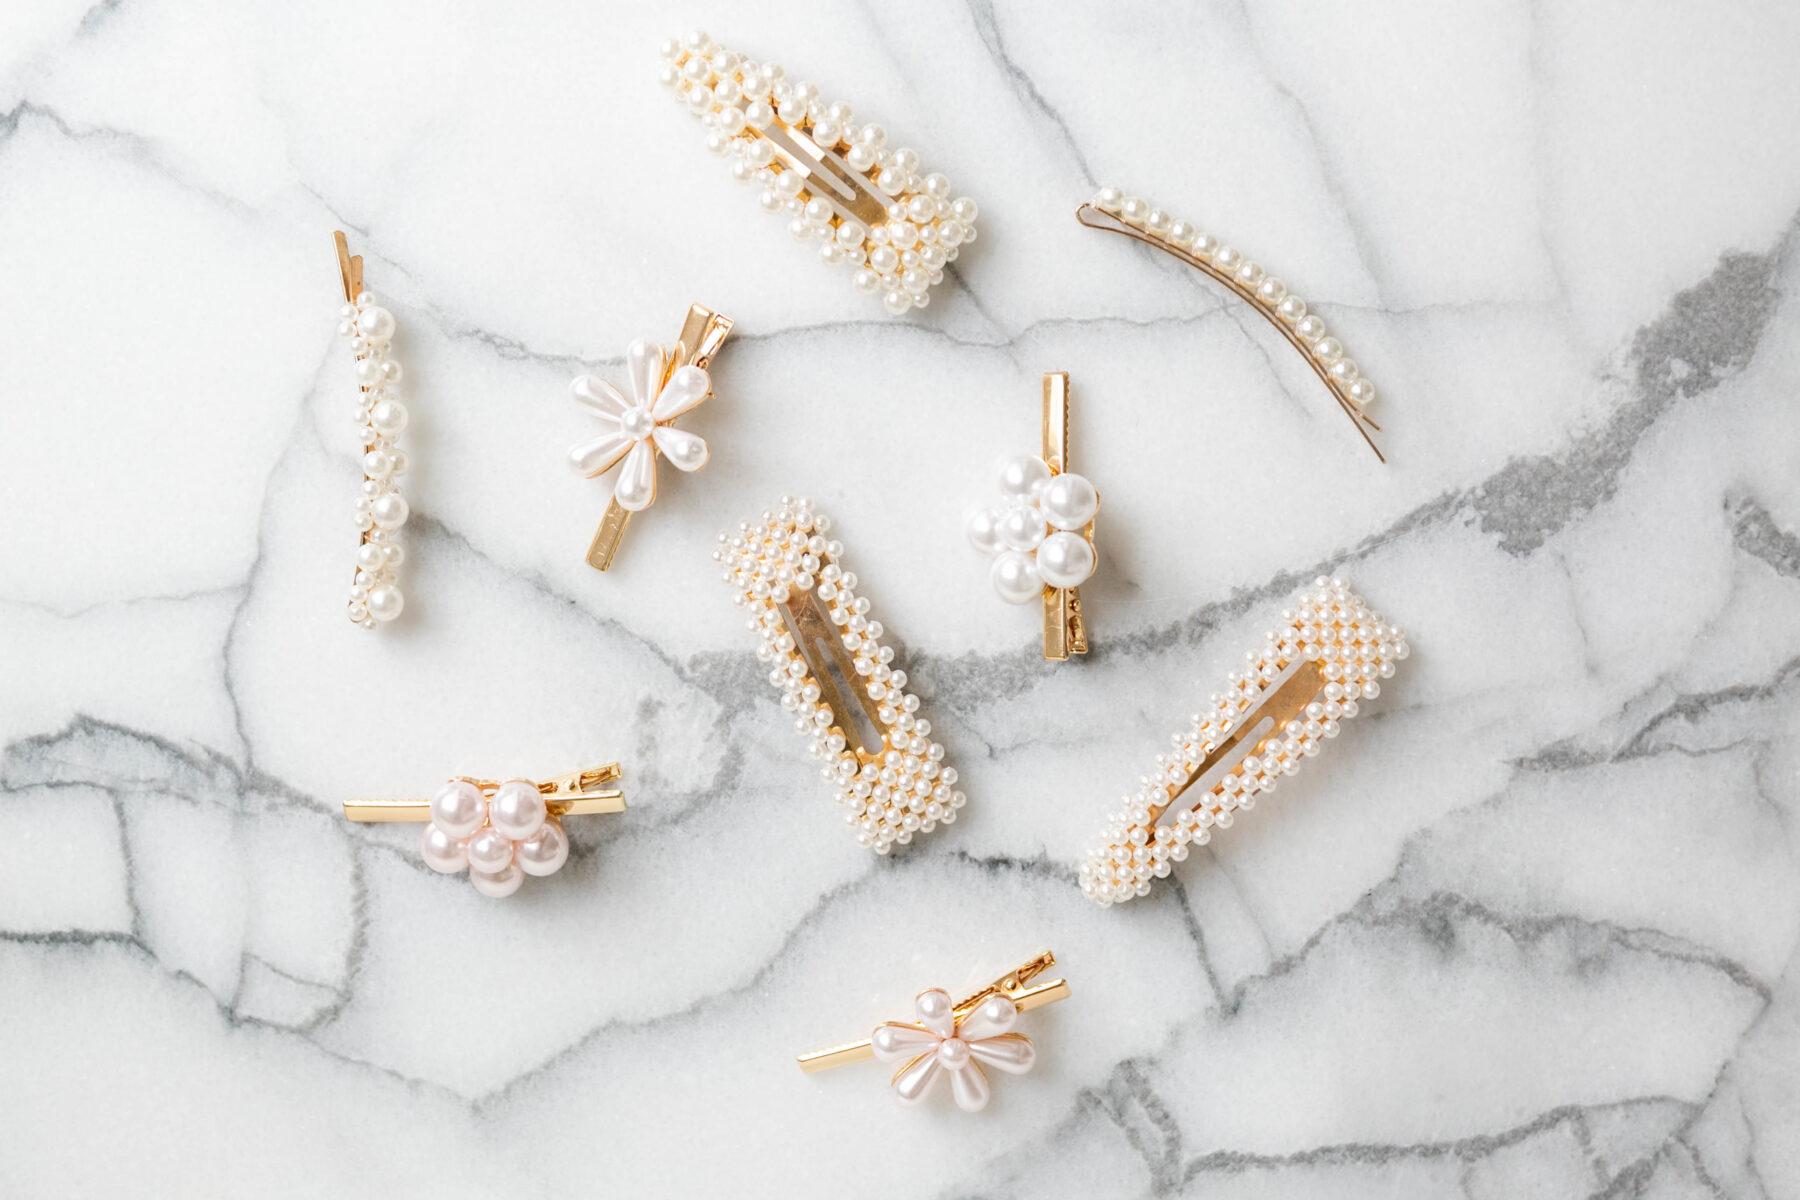 Ozdoby do włosów z perłami, modny dodatek tego lata